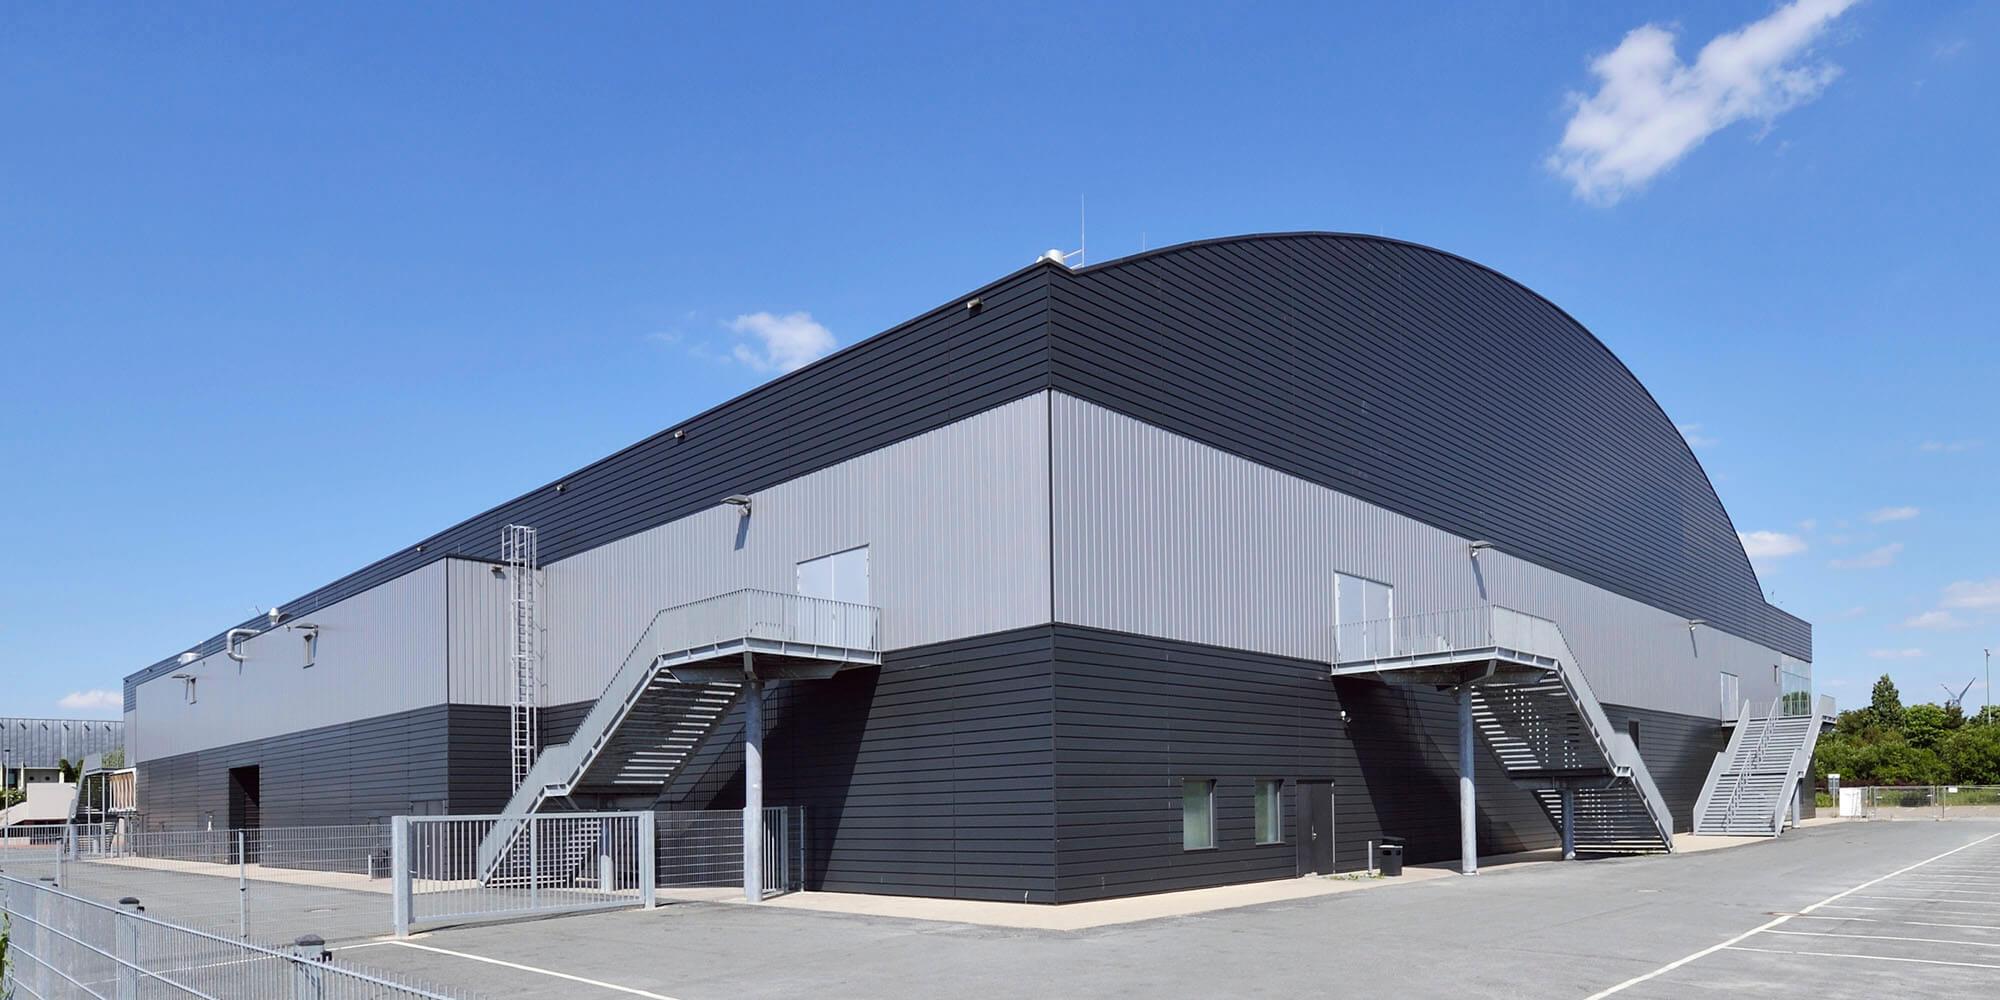 Eislaufhalle Bremerhaven